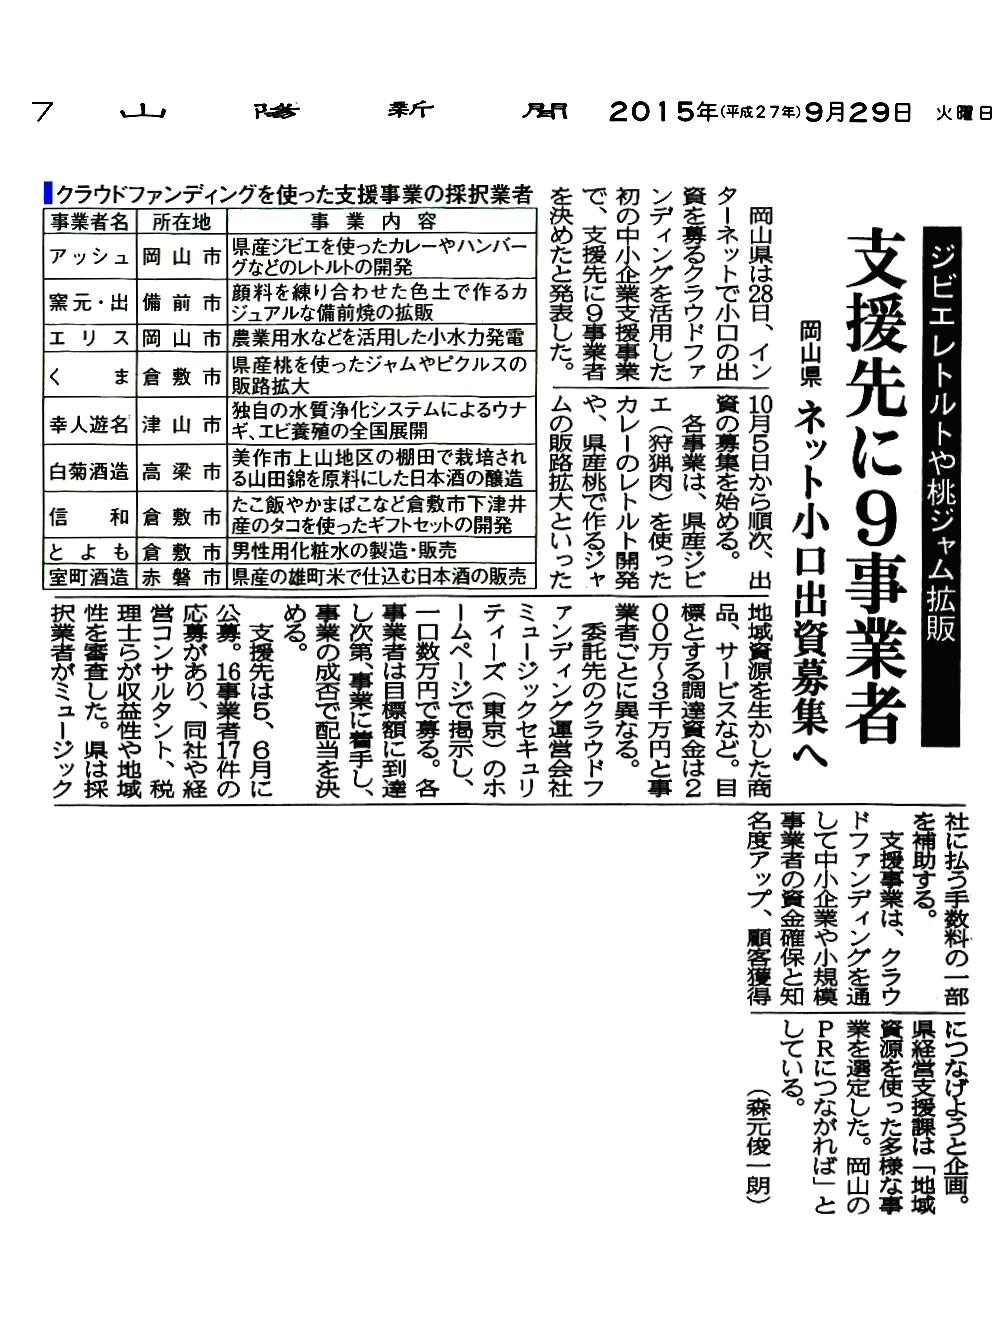 山陽新聞 岡山県 ネット小口出資者募集へ